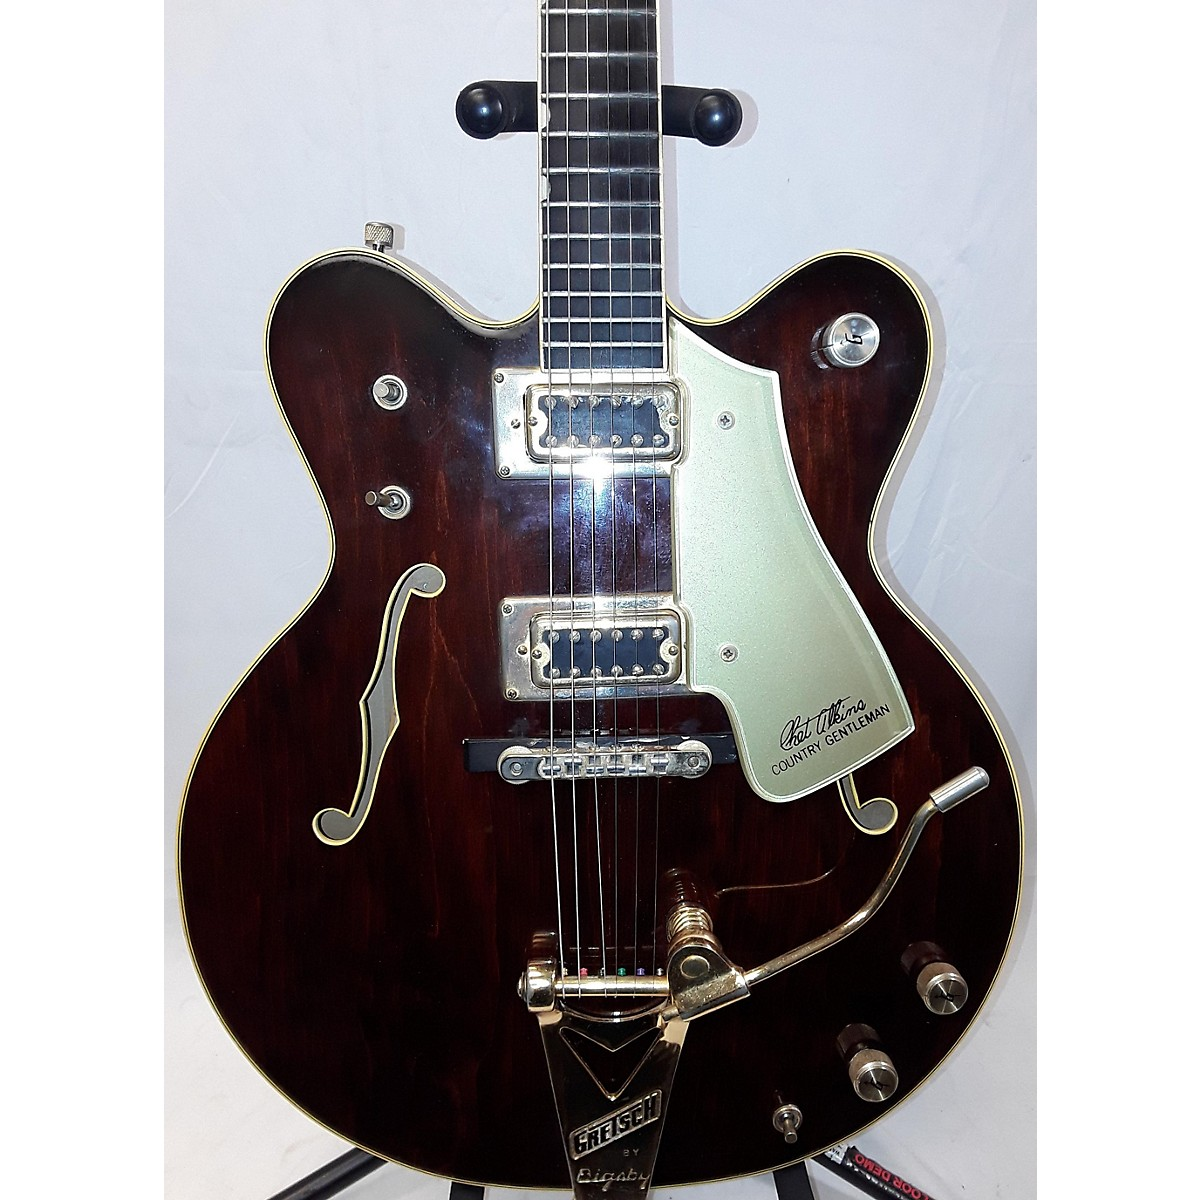 Gretsch Guitars 1976 7670 Chet Atkins